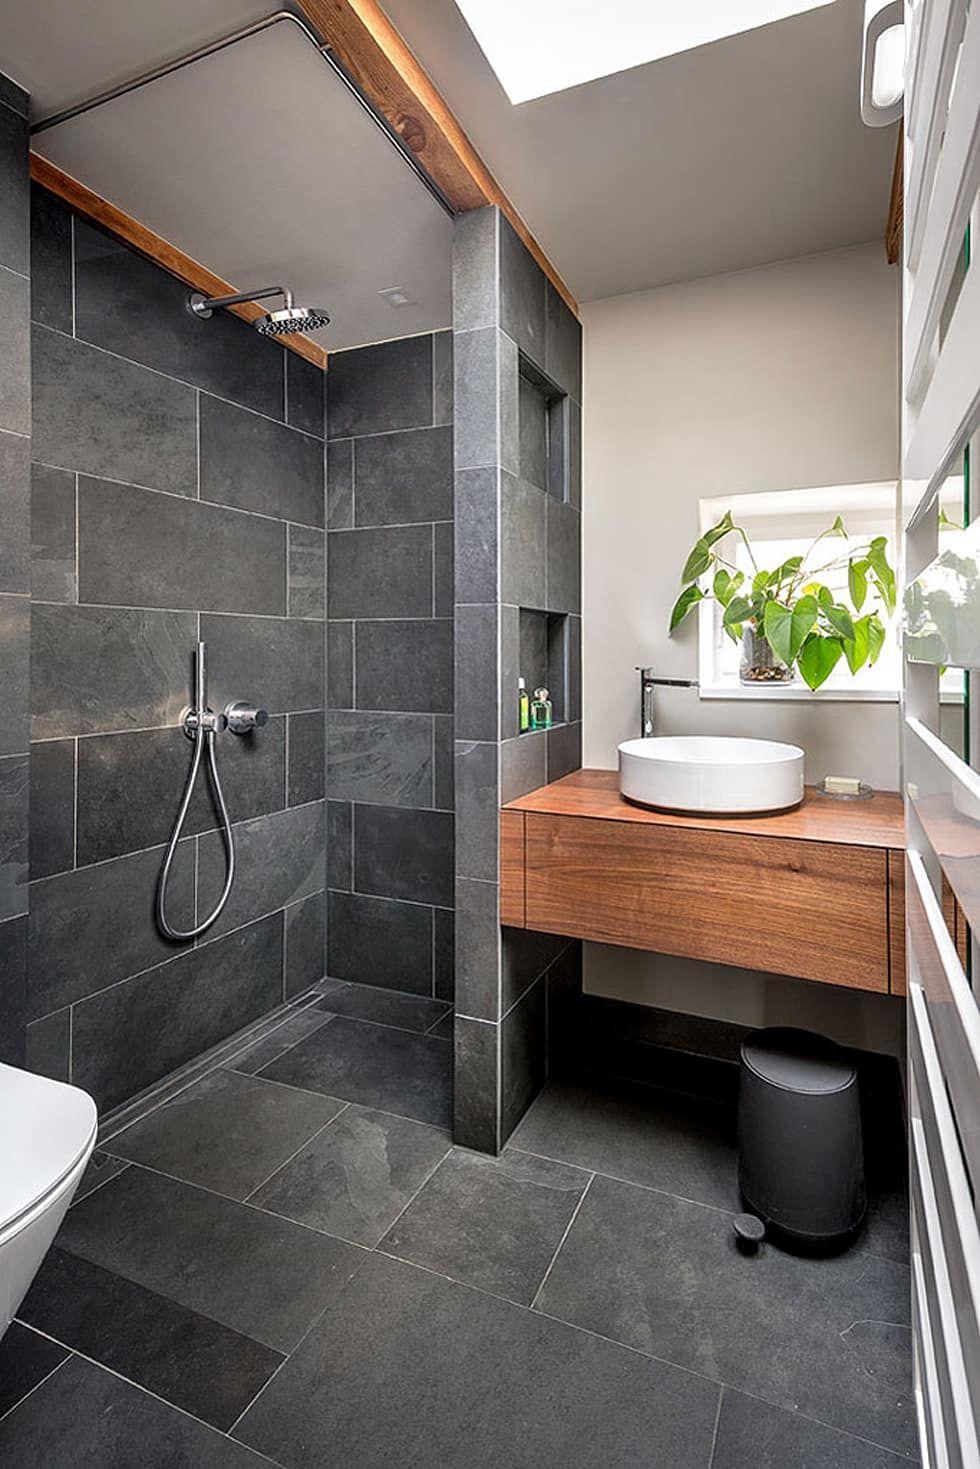 Superb Minimalistische Badezimmer Bilder: Badezimmer Schwarz Grau Schiefer Holz